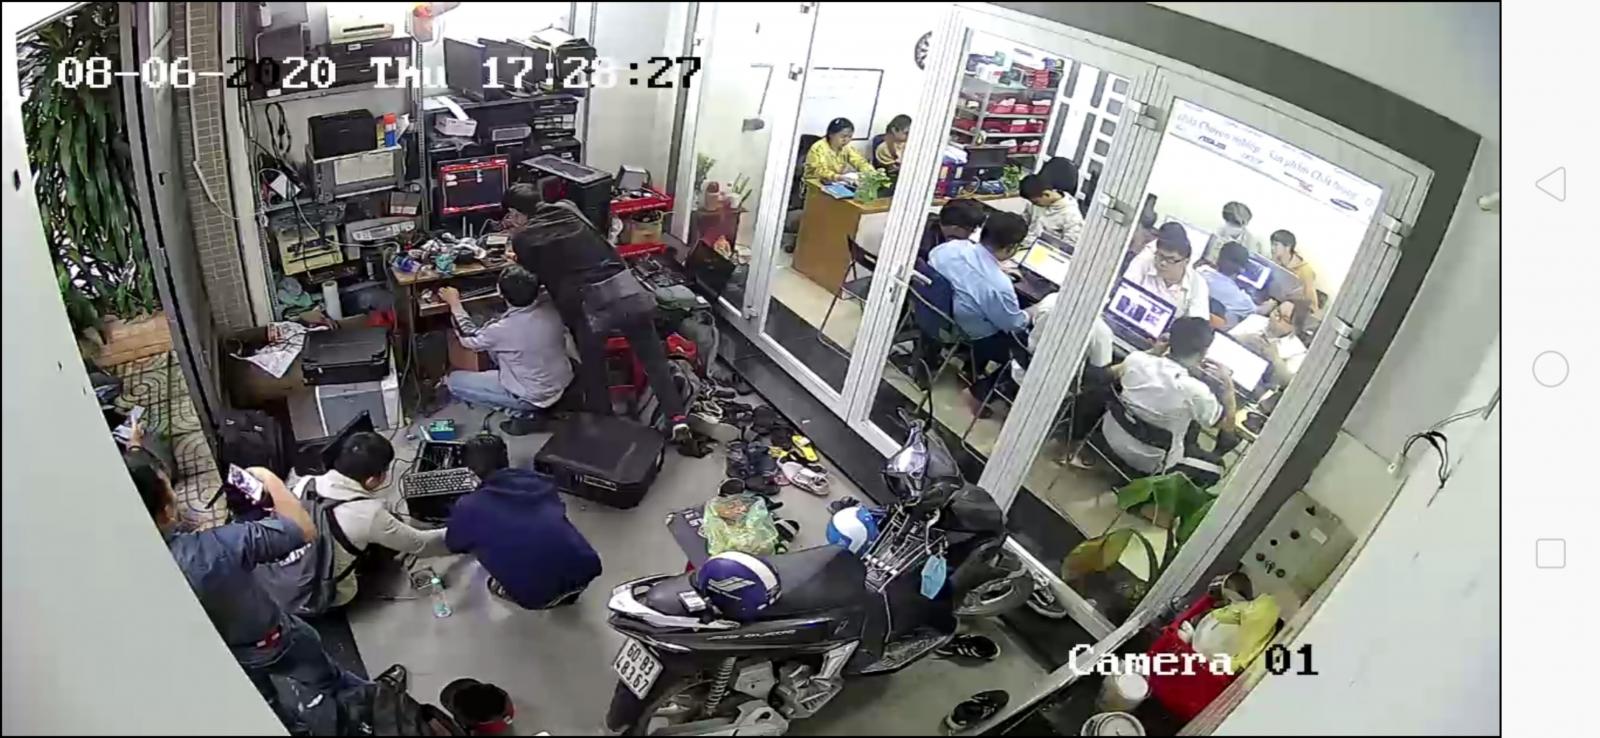 Công Ty Dịch Vụ Bảo Trì Máy Tính Tận Nơi Quận 4 Uy Tín Nhanh